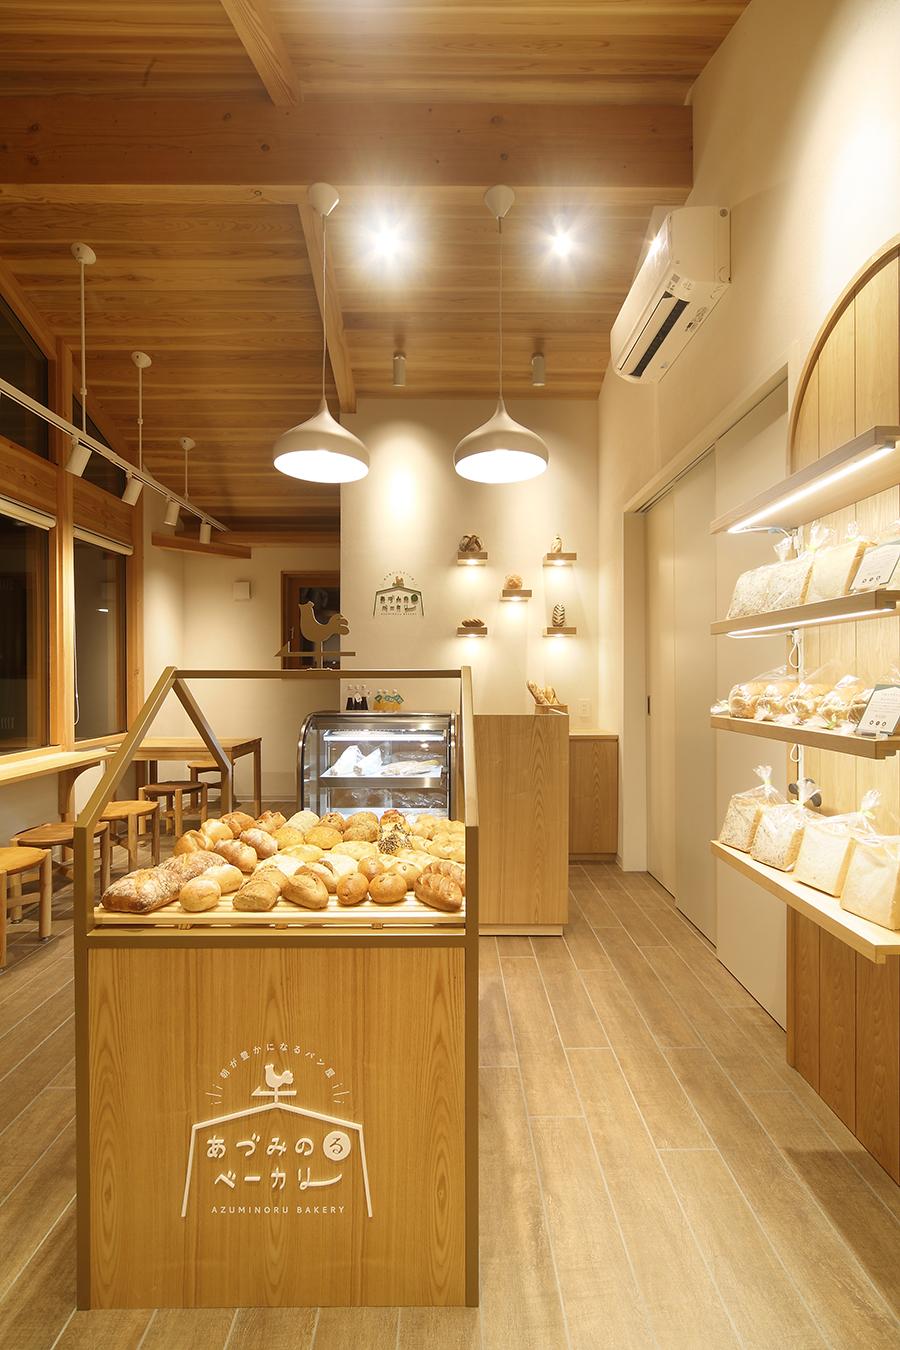 パン屋のインテリアデザイン